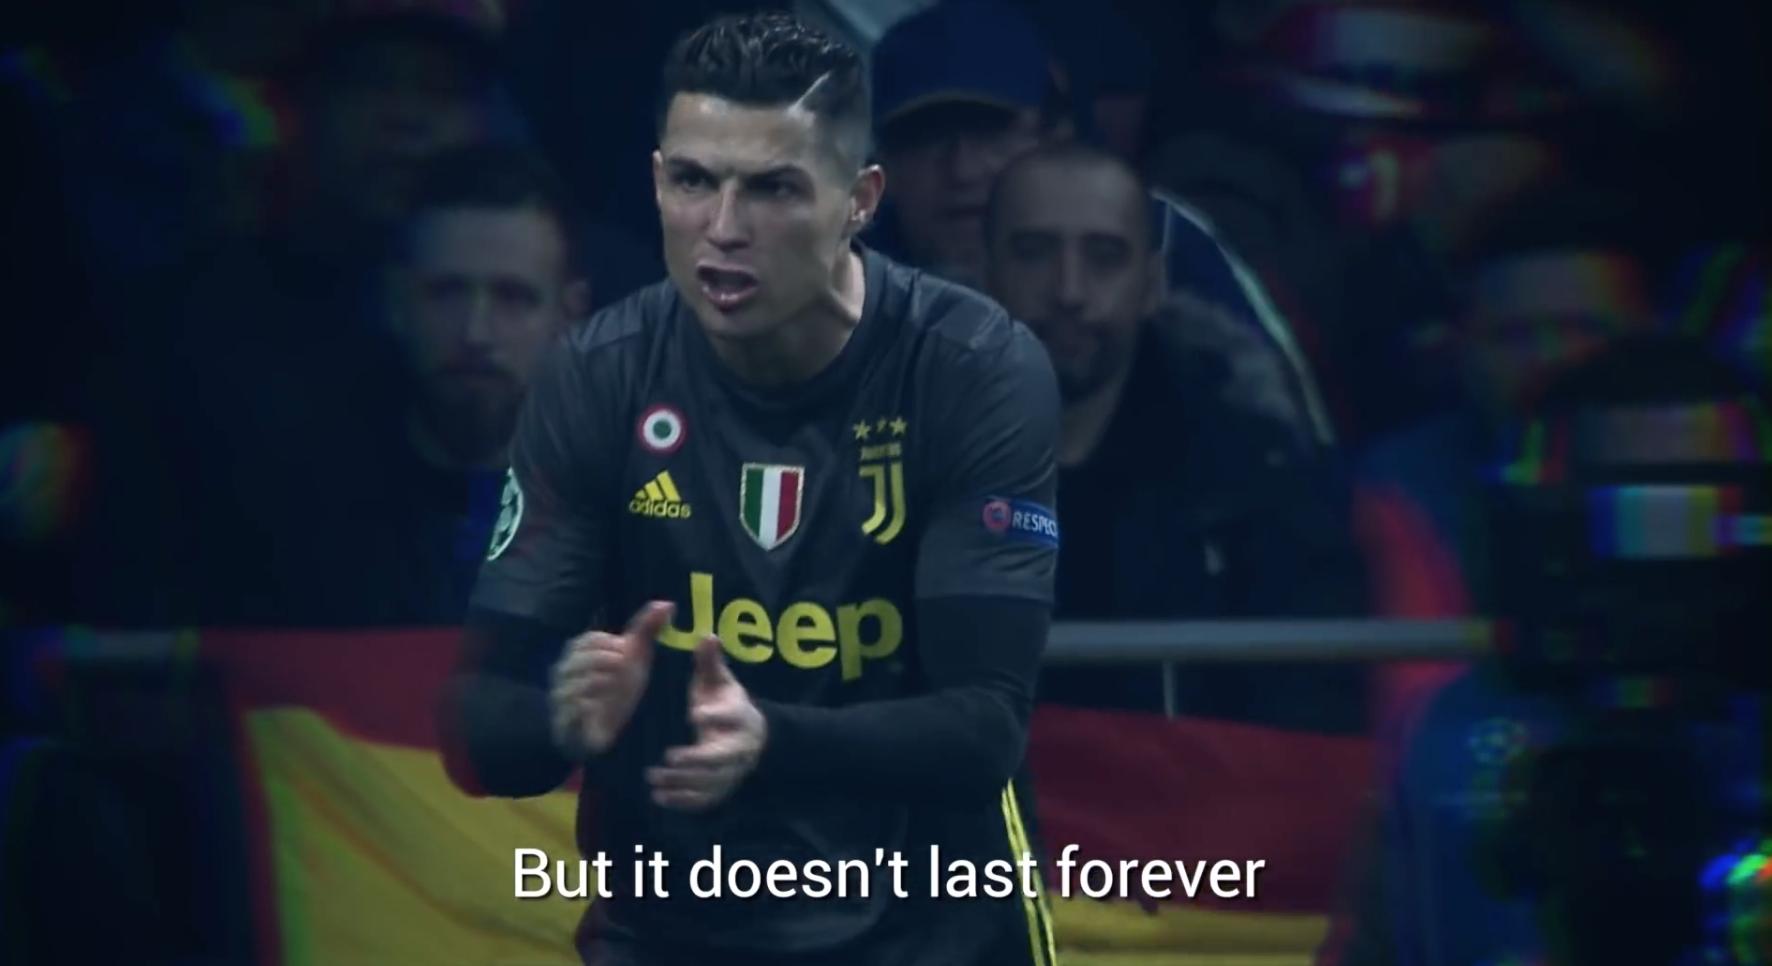 El escalofriante vídeo con el que la Juventus calienta el duelo contra el Atlético 1